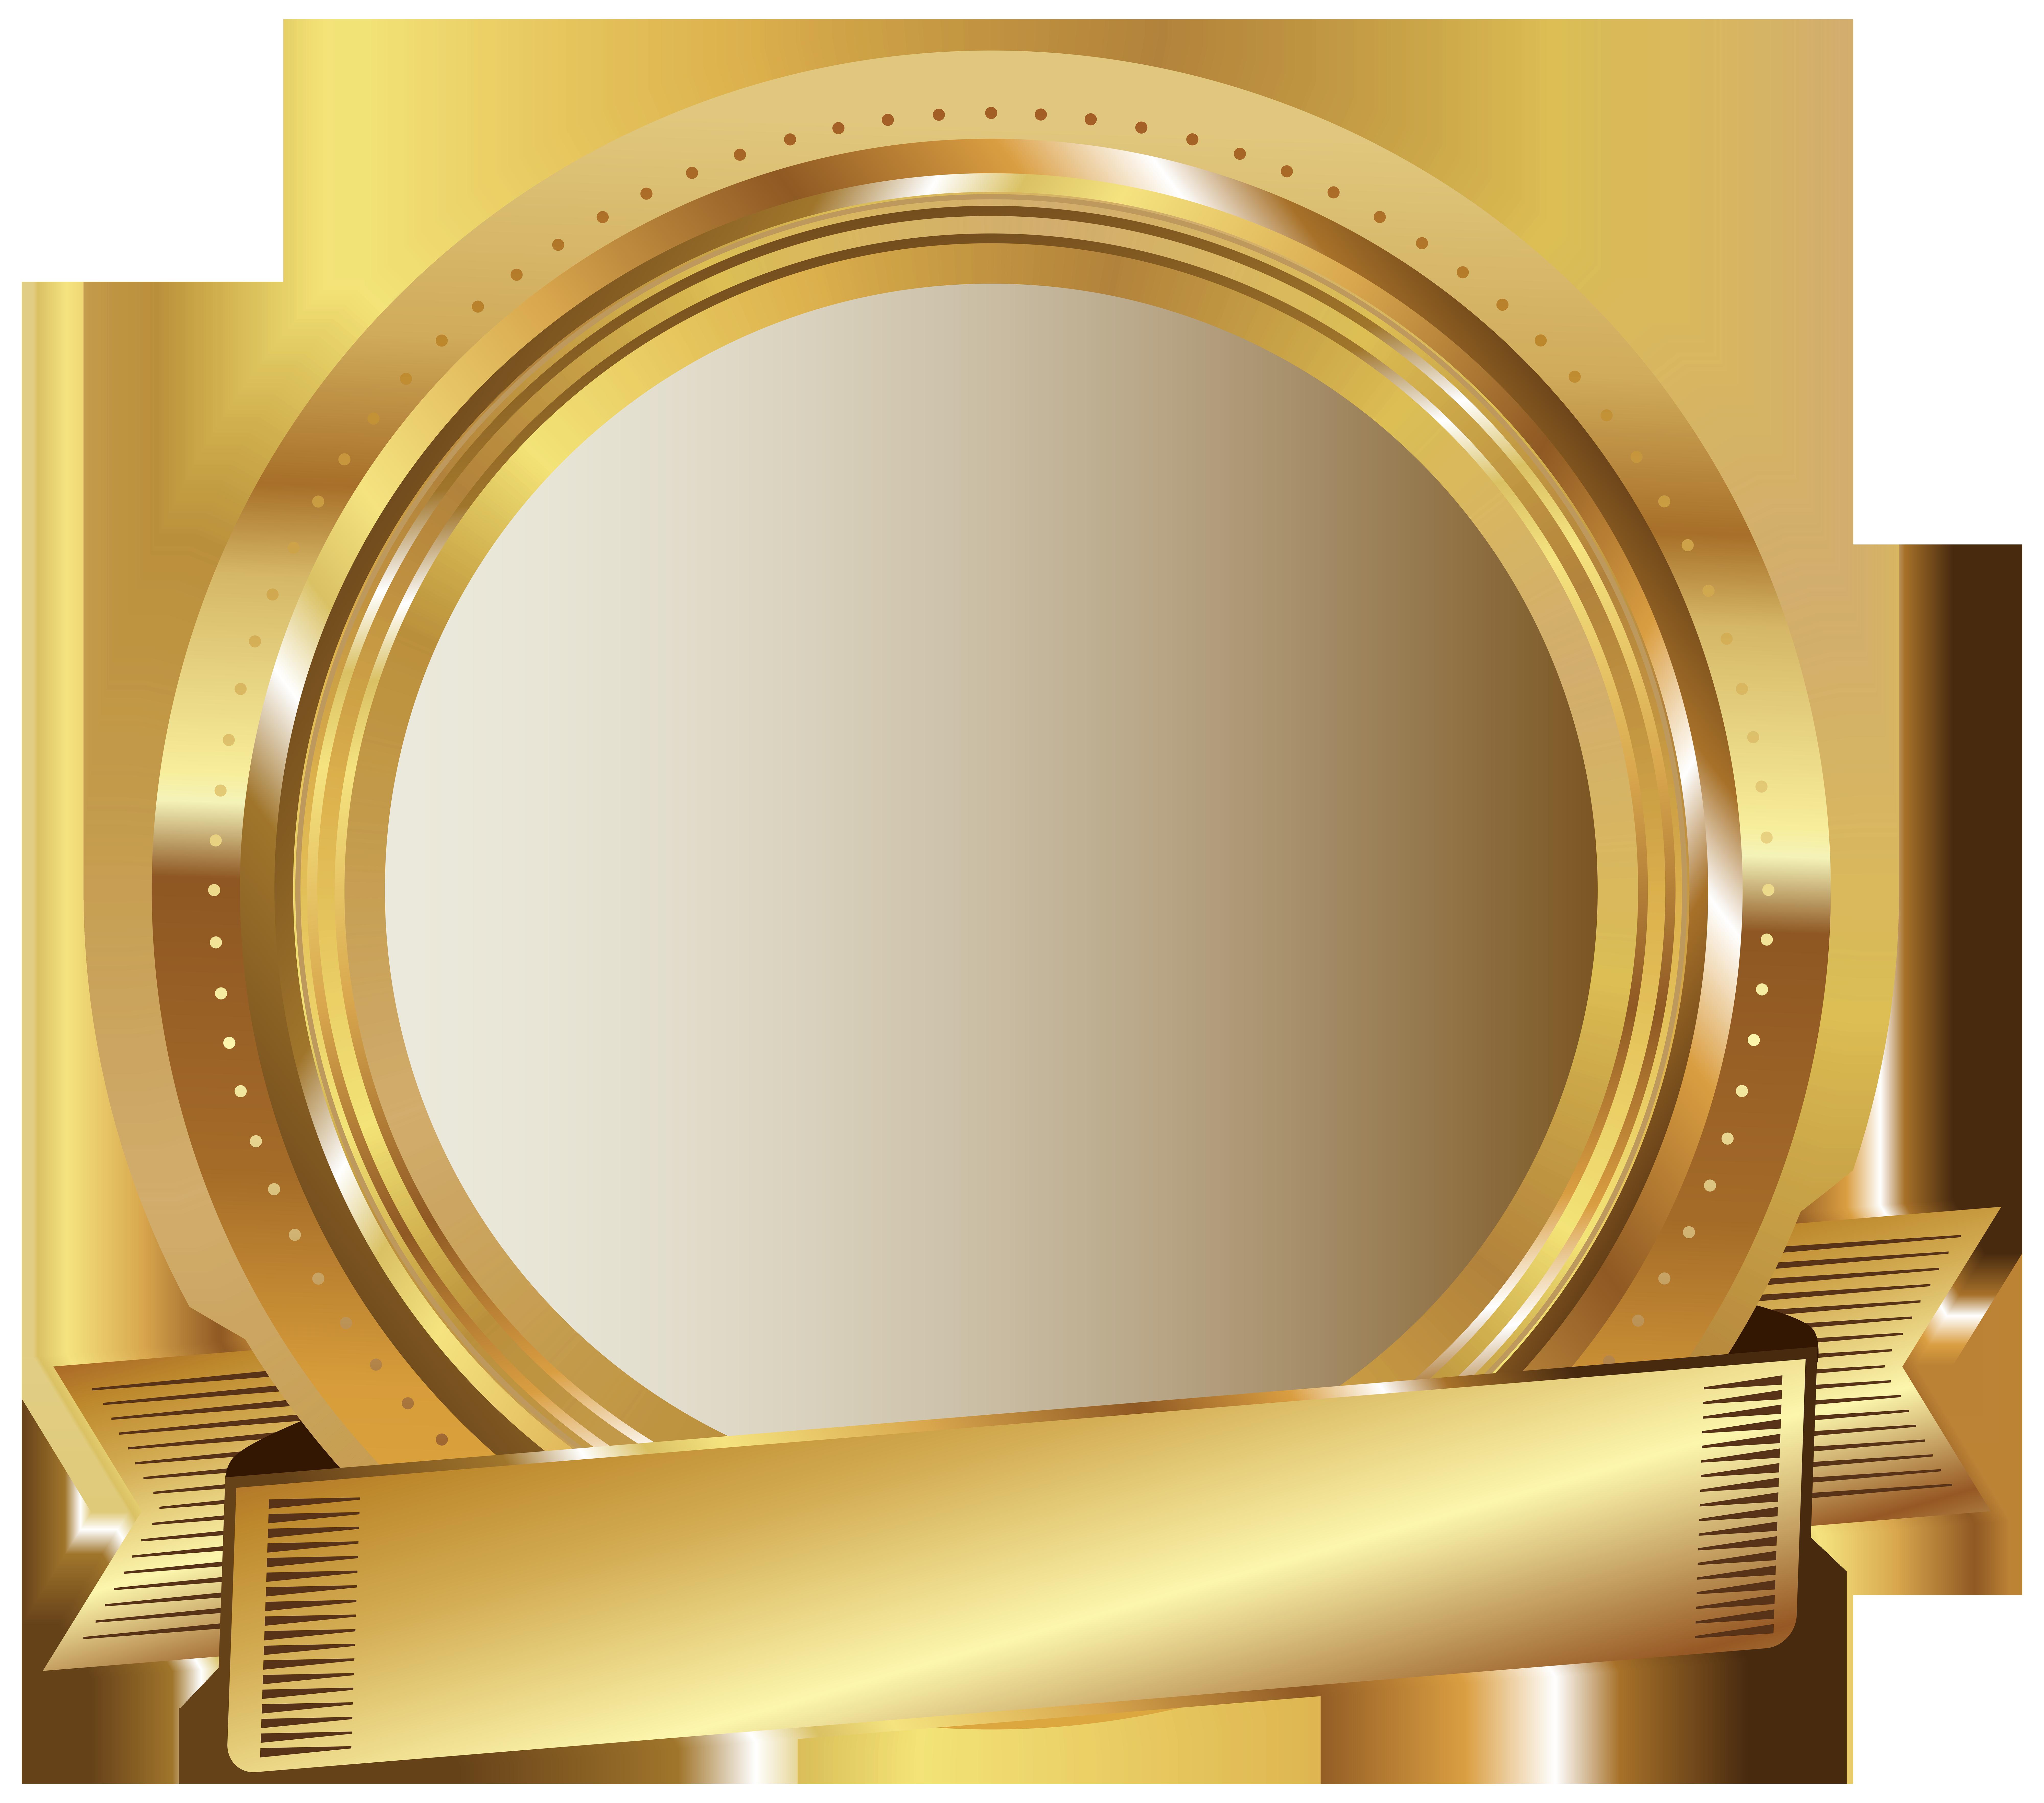 Mirror clipart golden mirror. Pin by ay e